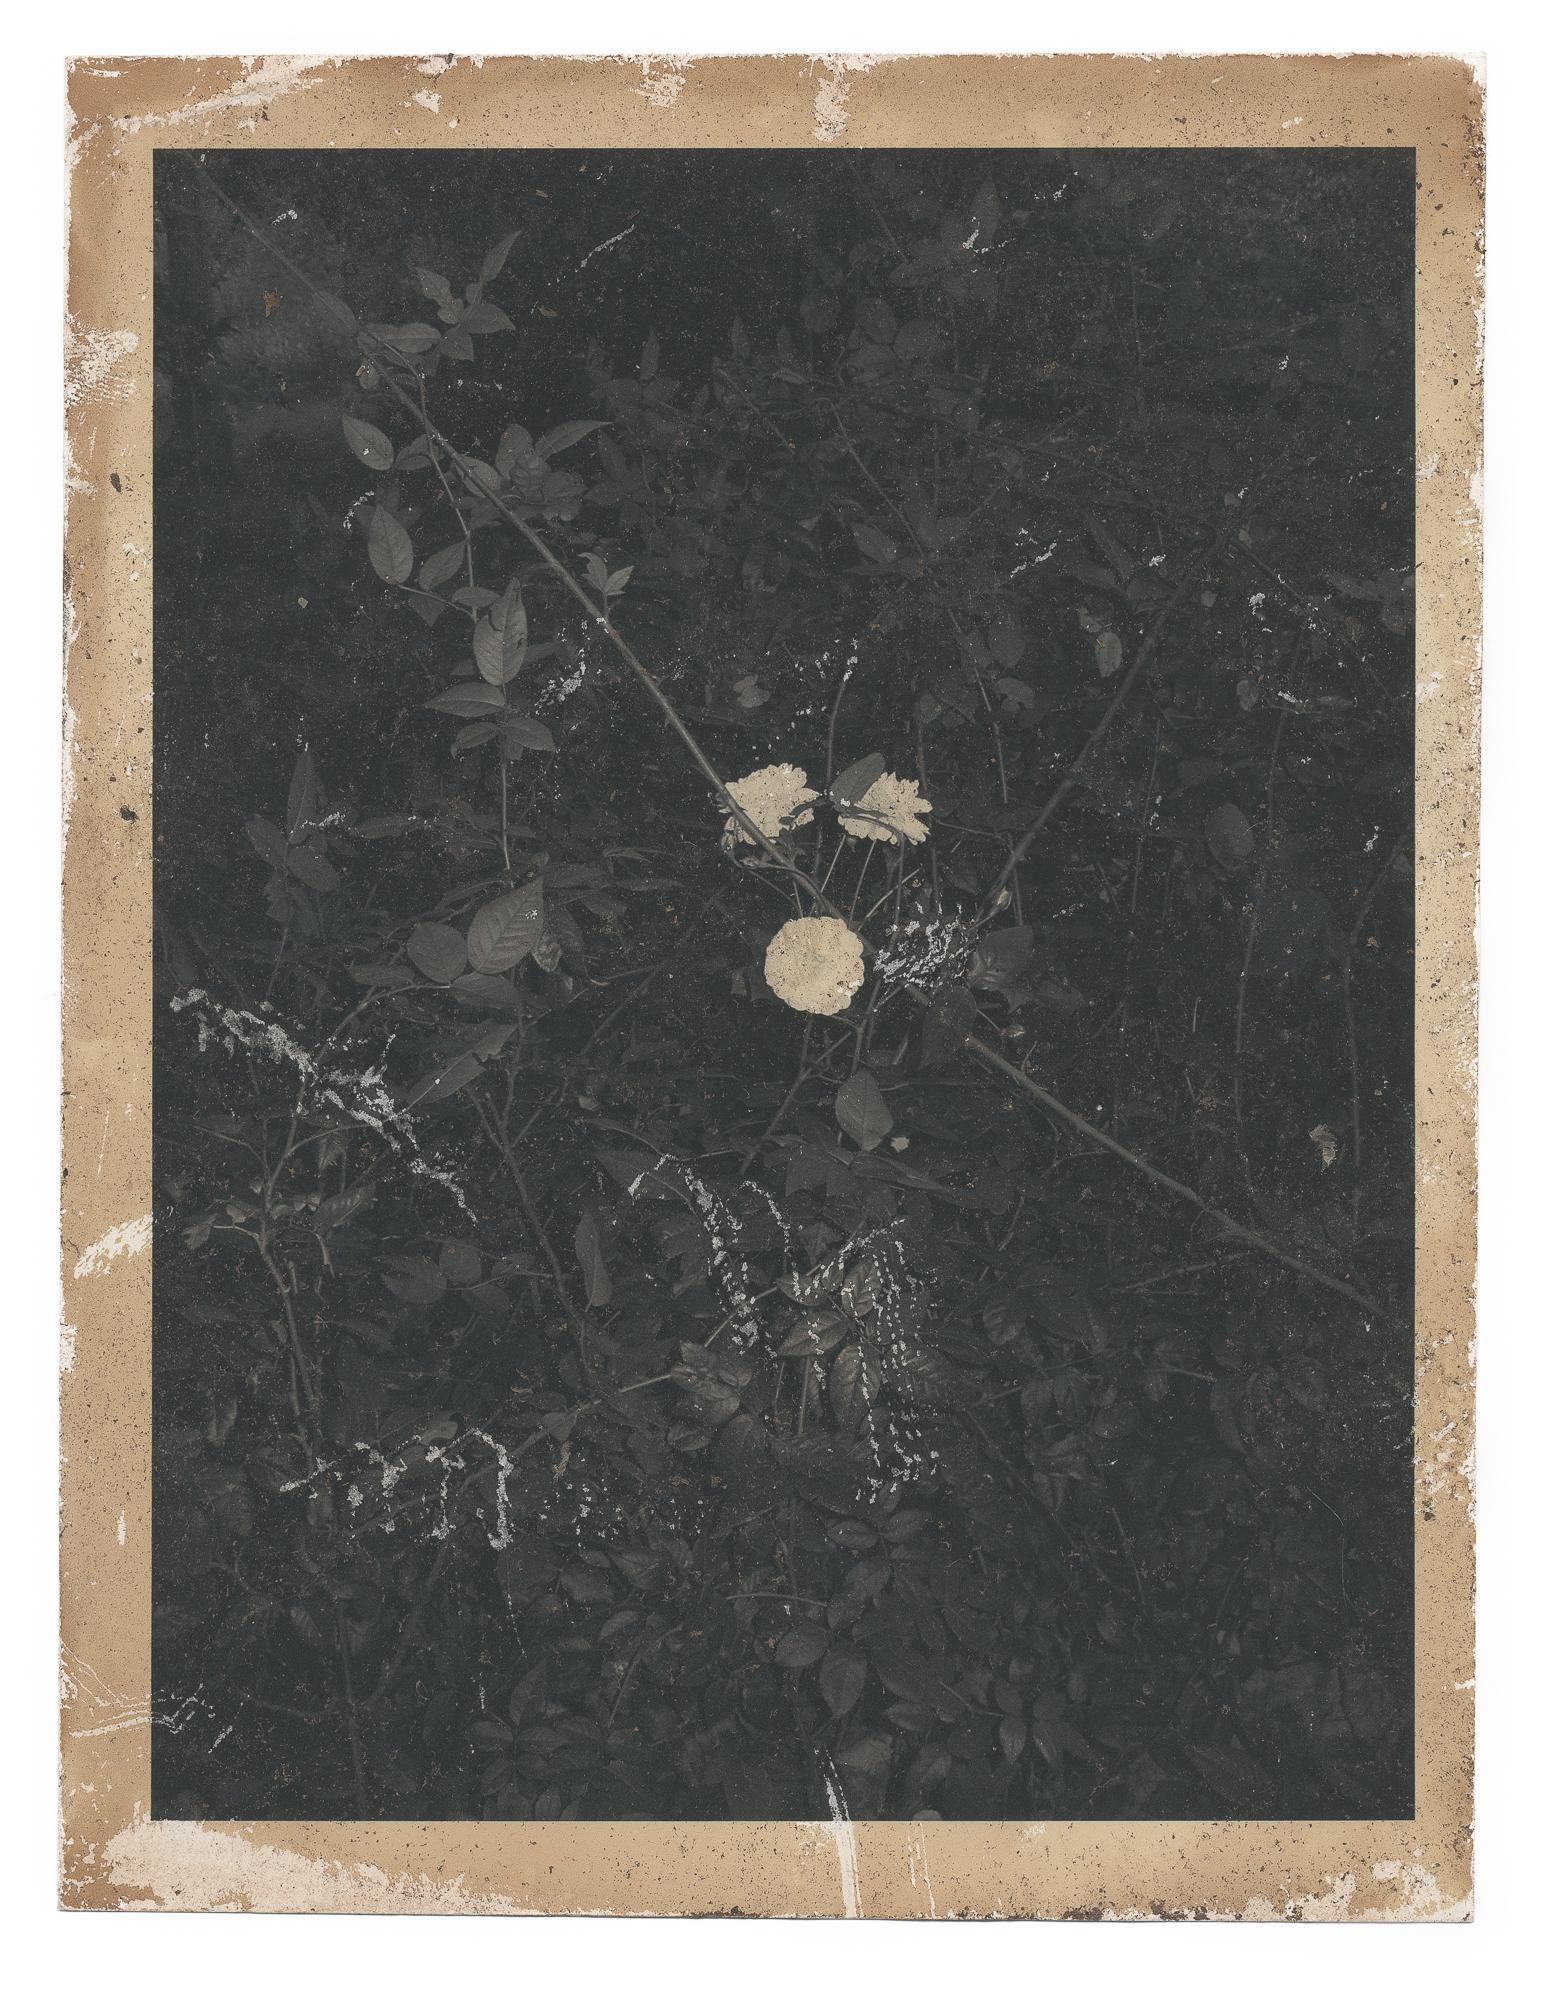 Autumnal Glimpses no.8, 2019  Naturally toned pigment print  187mm x 143mm  Unique print